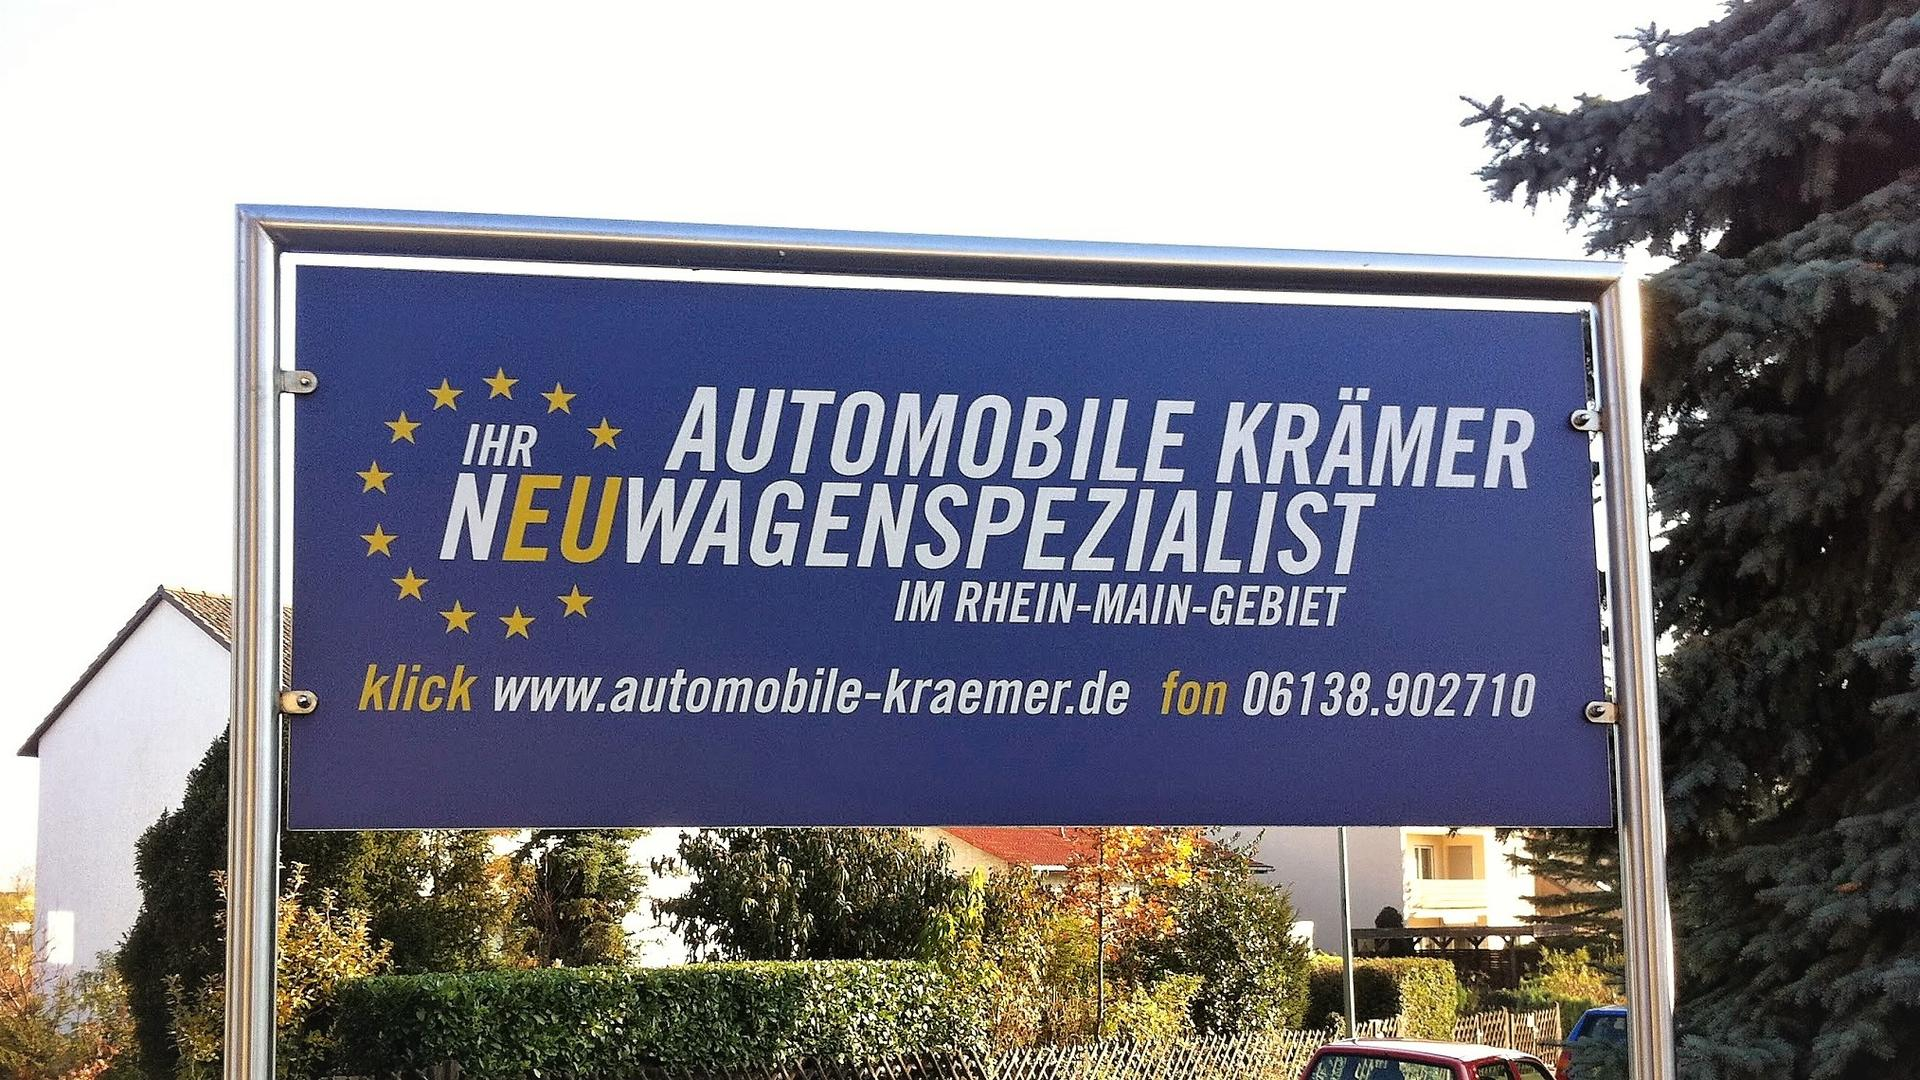 Autrado Lieferant - EU Automobile Krämer Fahrzeuggroßhandel